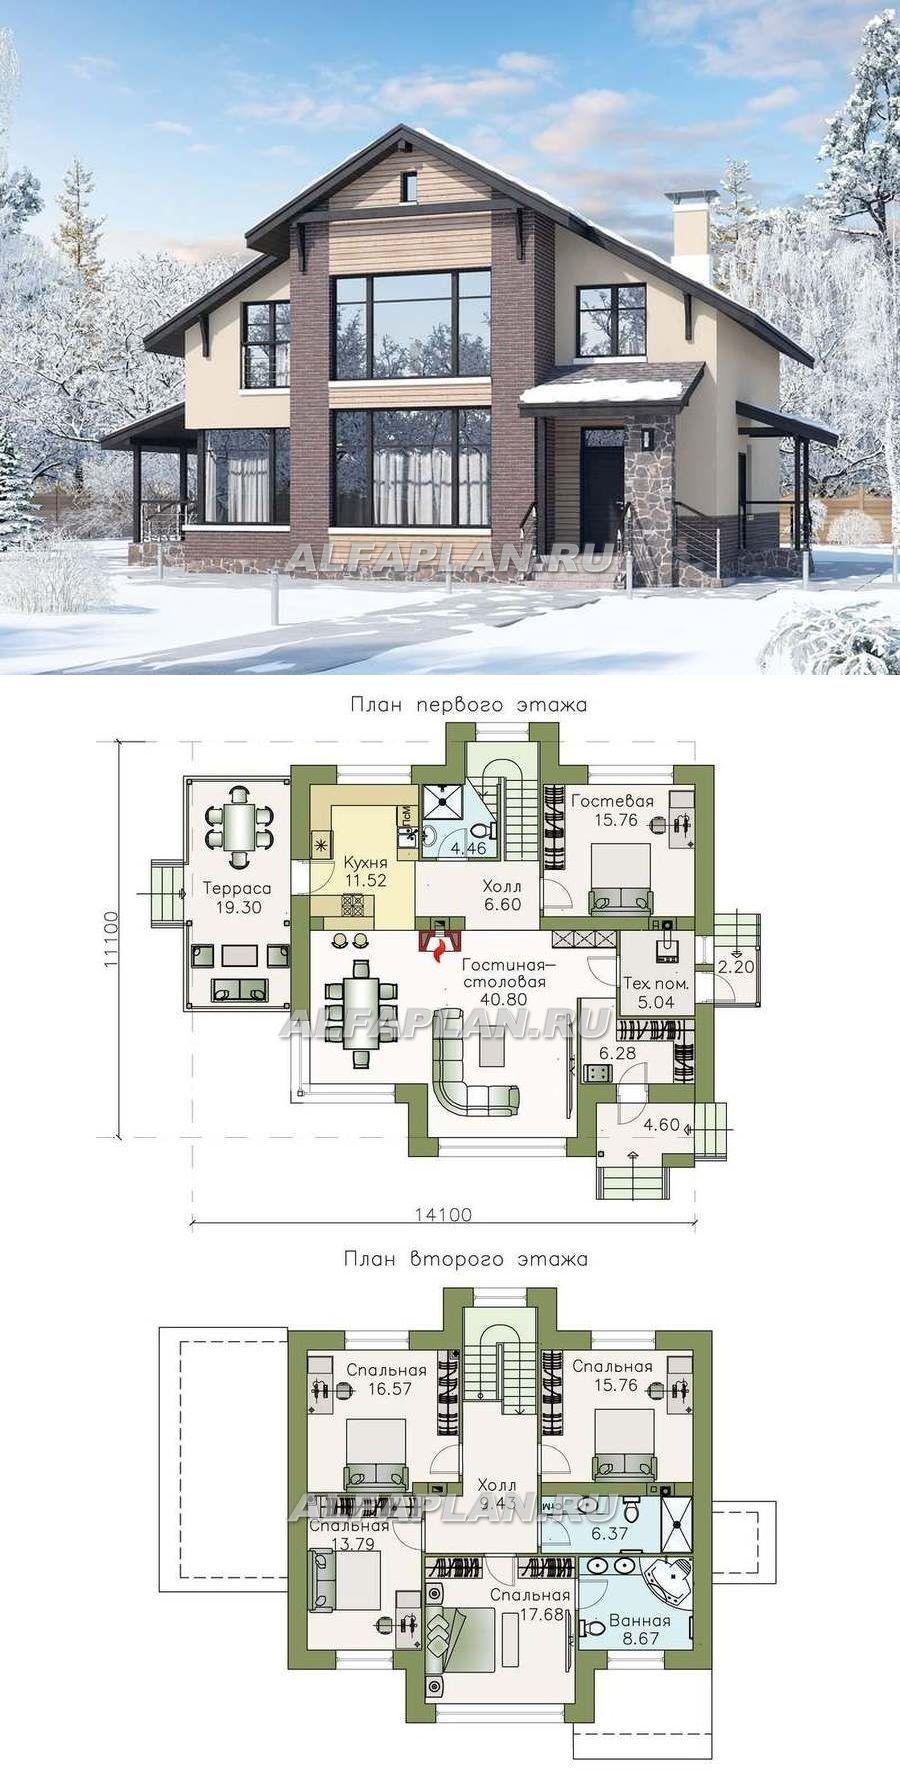 Projekt 575A Clipper ist ein komfortables Haus mit einem